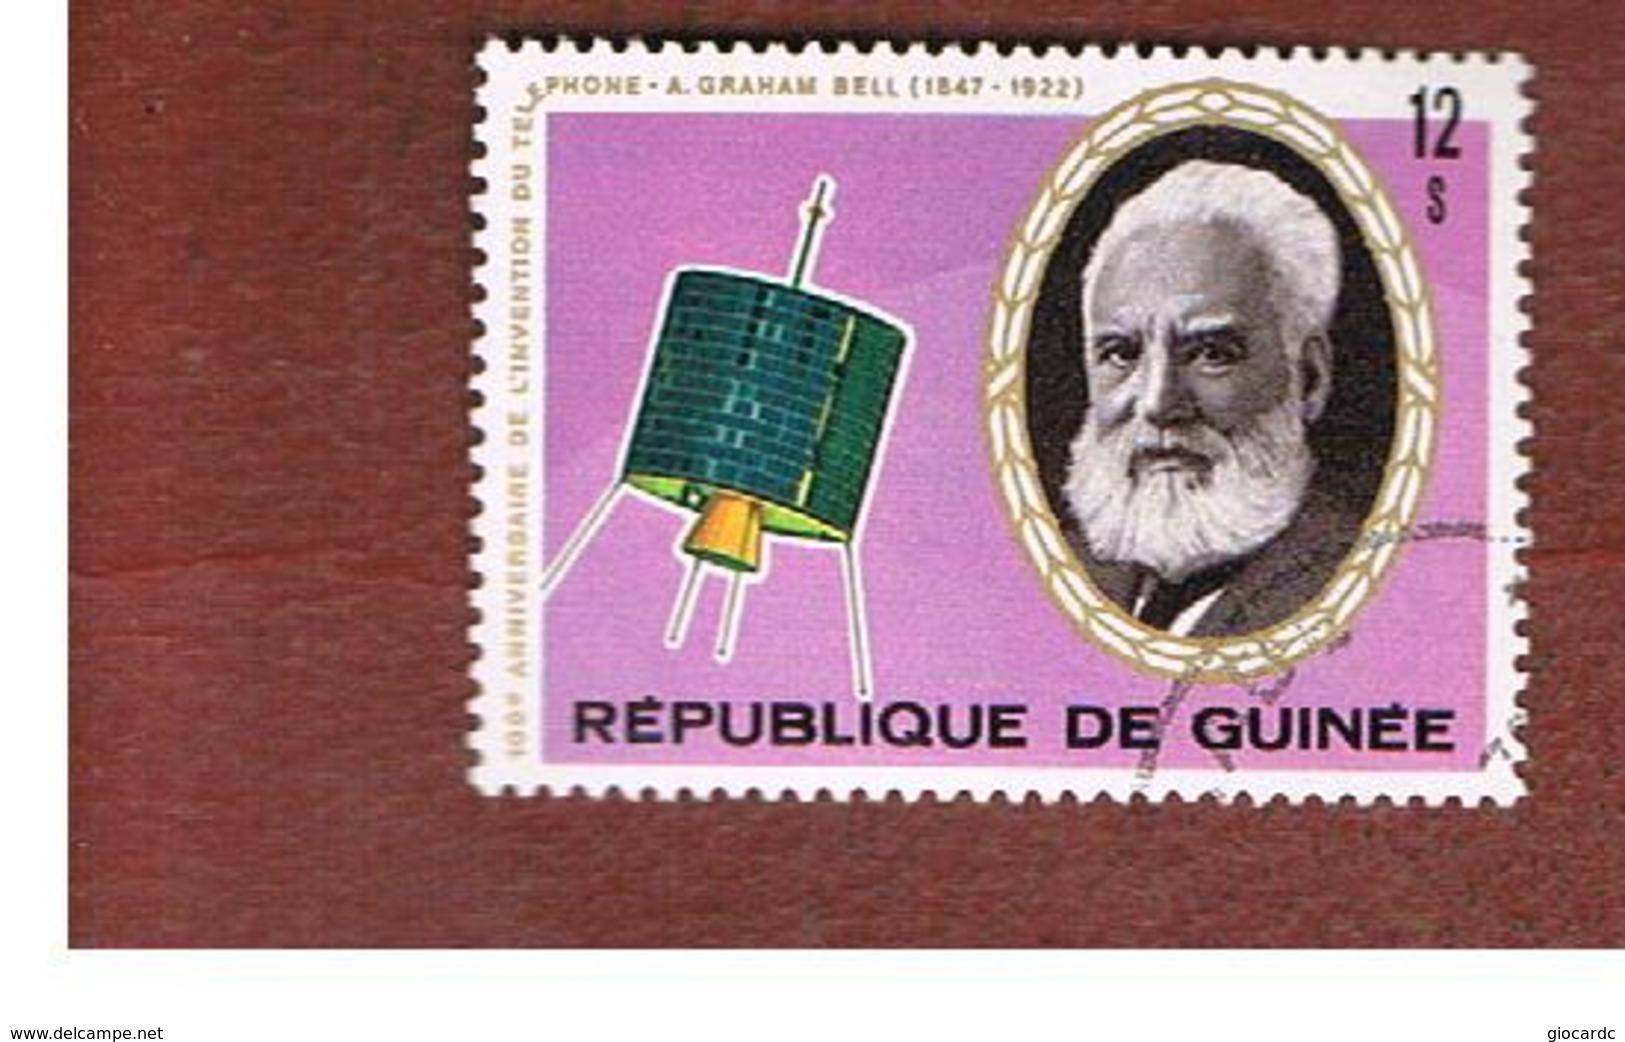 GUINEA -  SG 909   -  1976  TELEPHONE CENTENARY: SATELLITE SYNCOM  - USED ° - Guinea (1958-...)